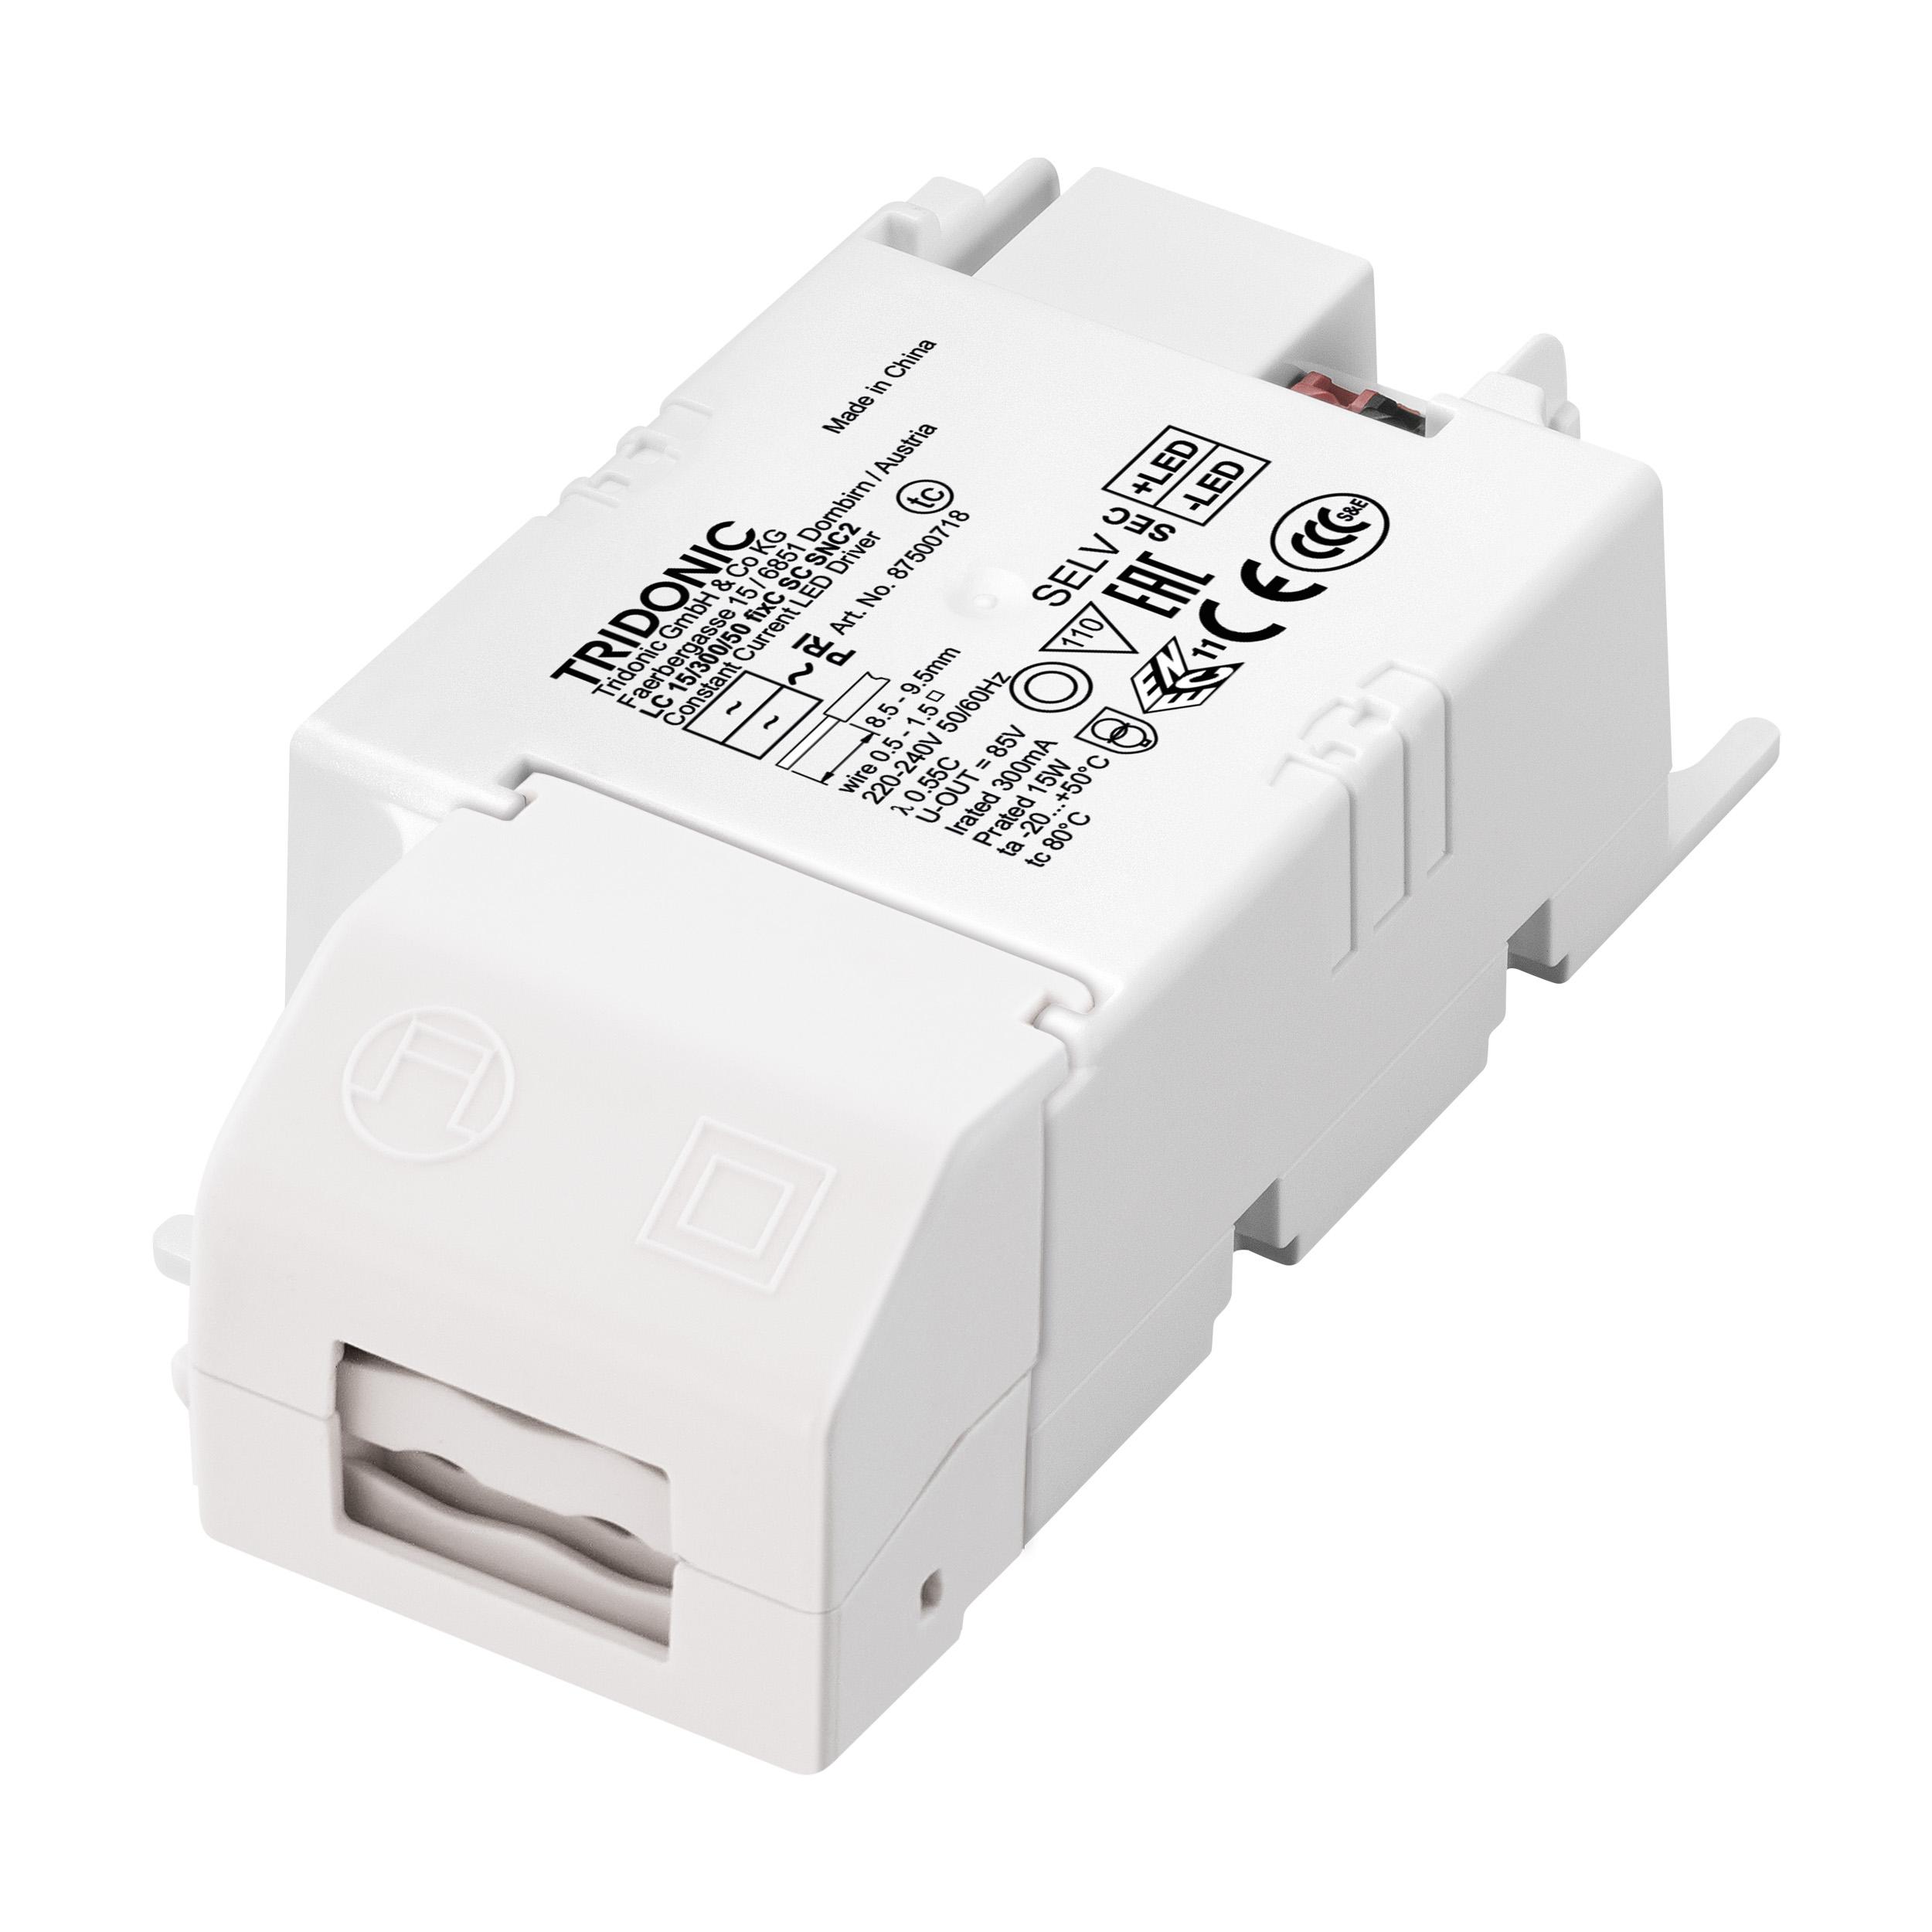 1 Stk LED-TREIBER TRIDONIC LC15W 350MA FIXC SCADV LI69271---